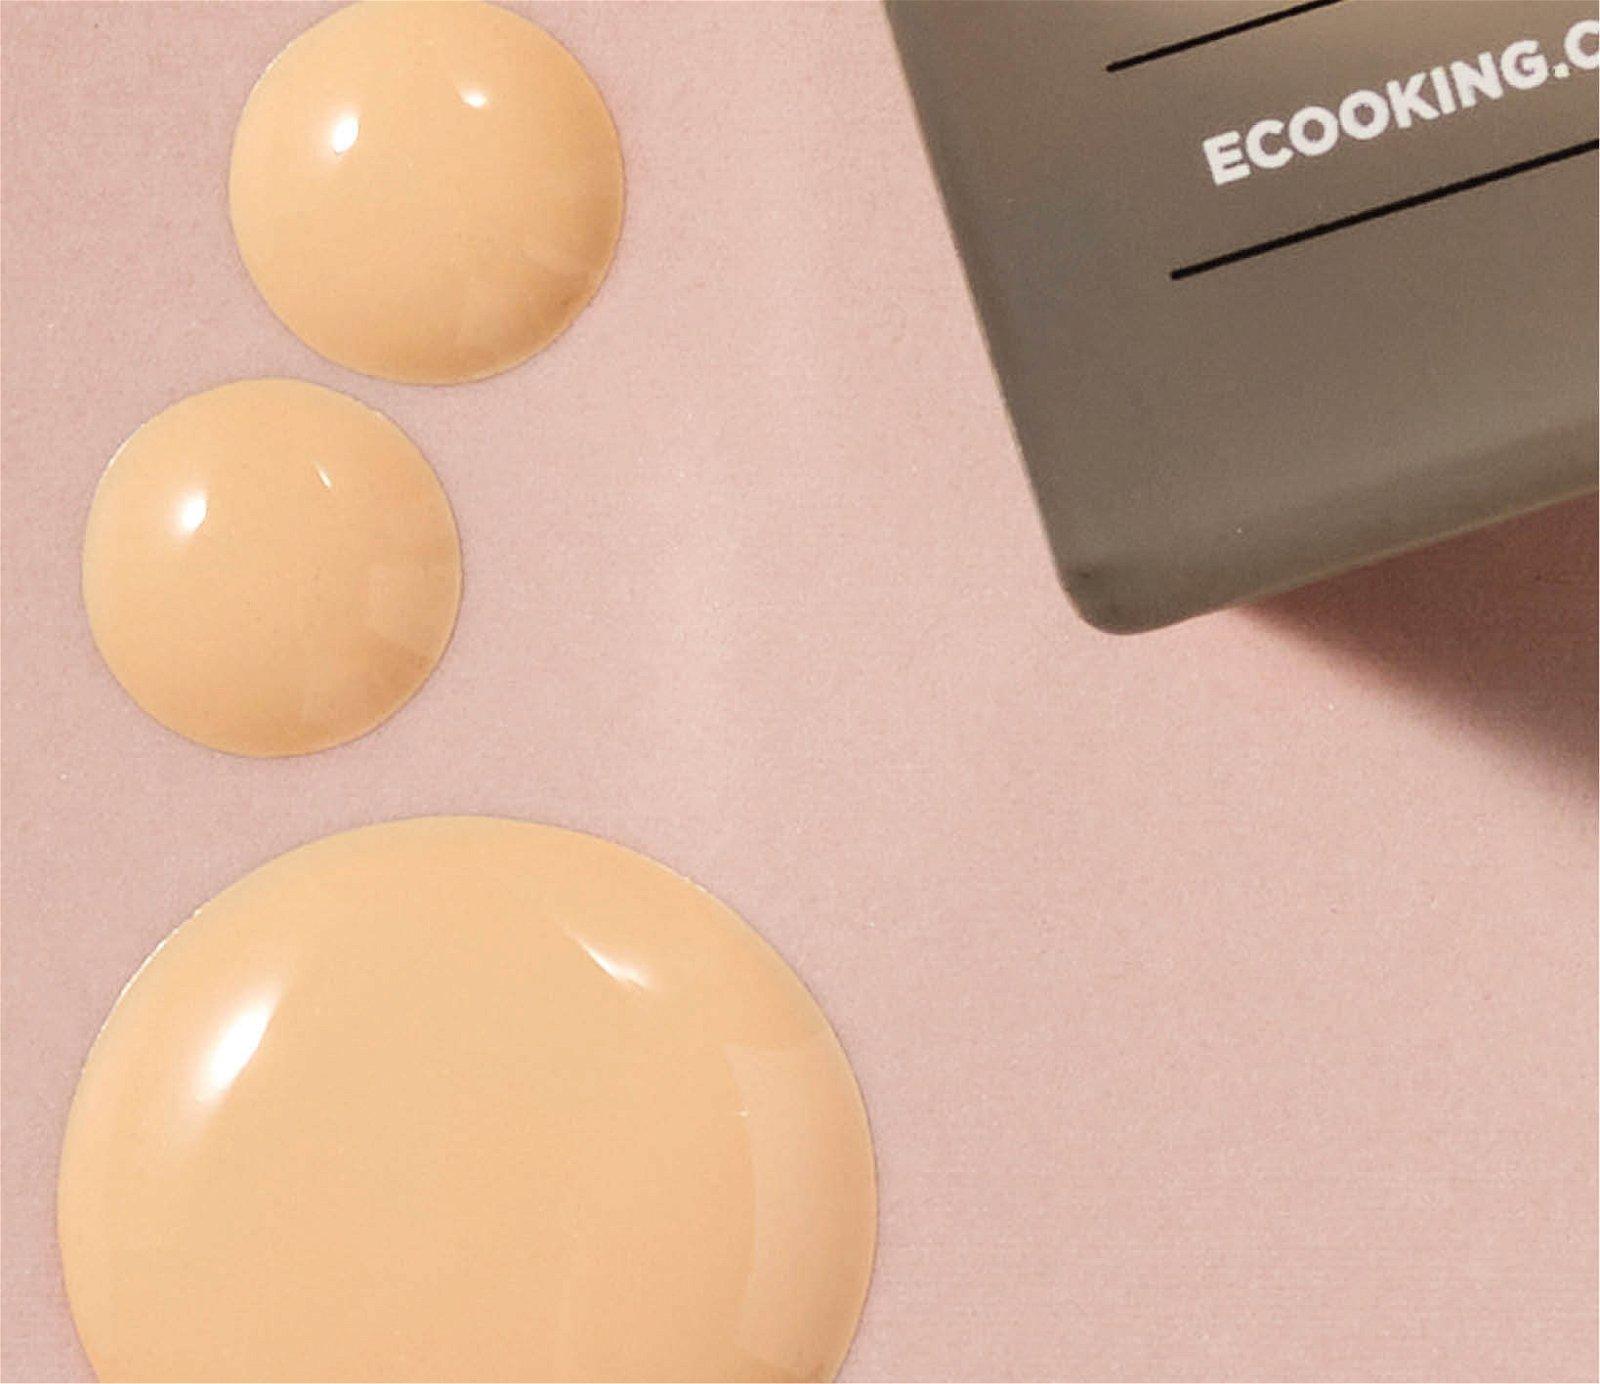 Ecooking makeup swatch